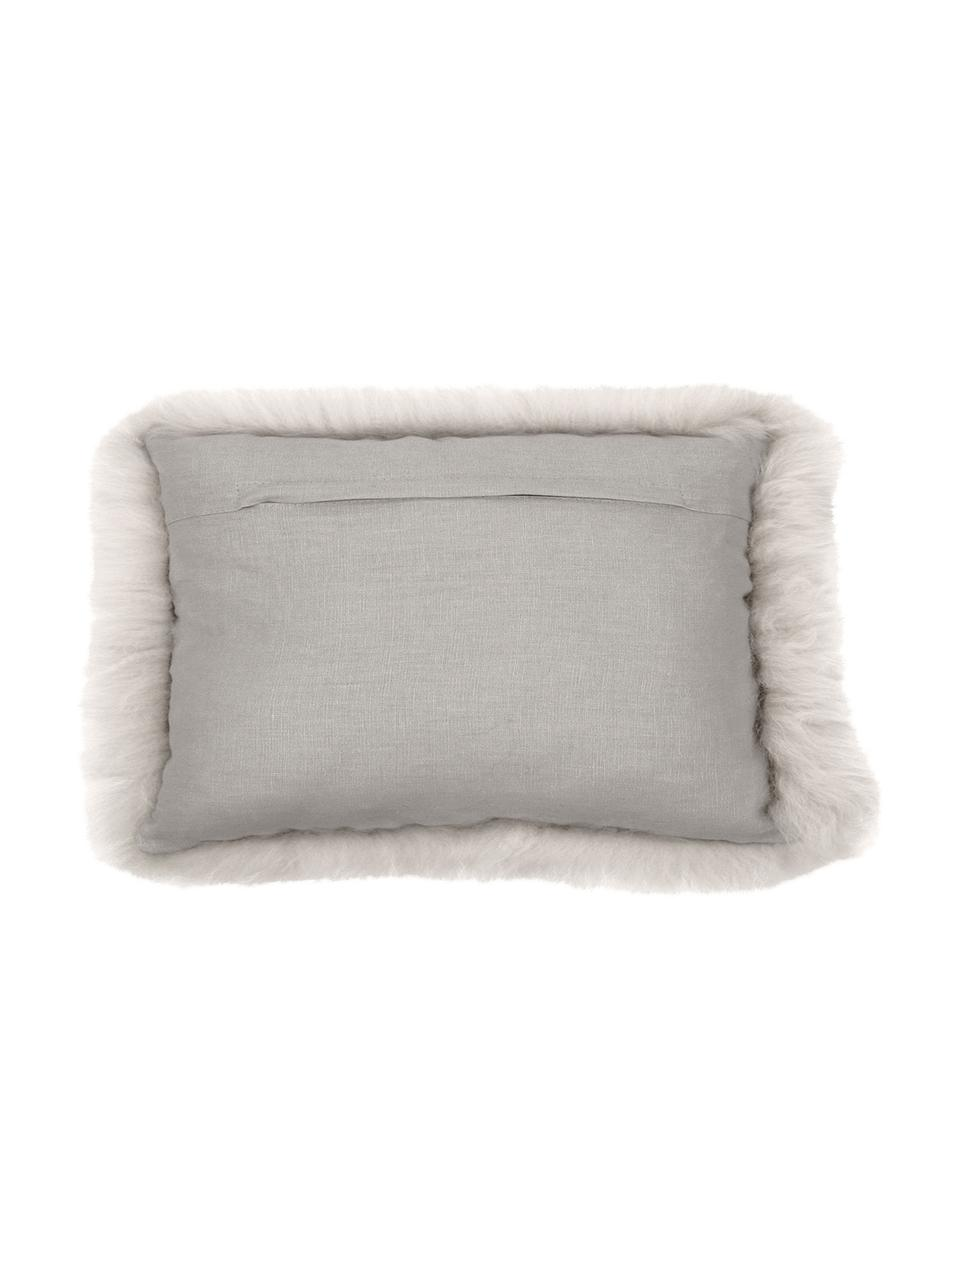 Poszewka na poduszkę ze skóry owczej Oslo, Beżowy, S 30 x D 50 cm